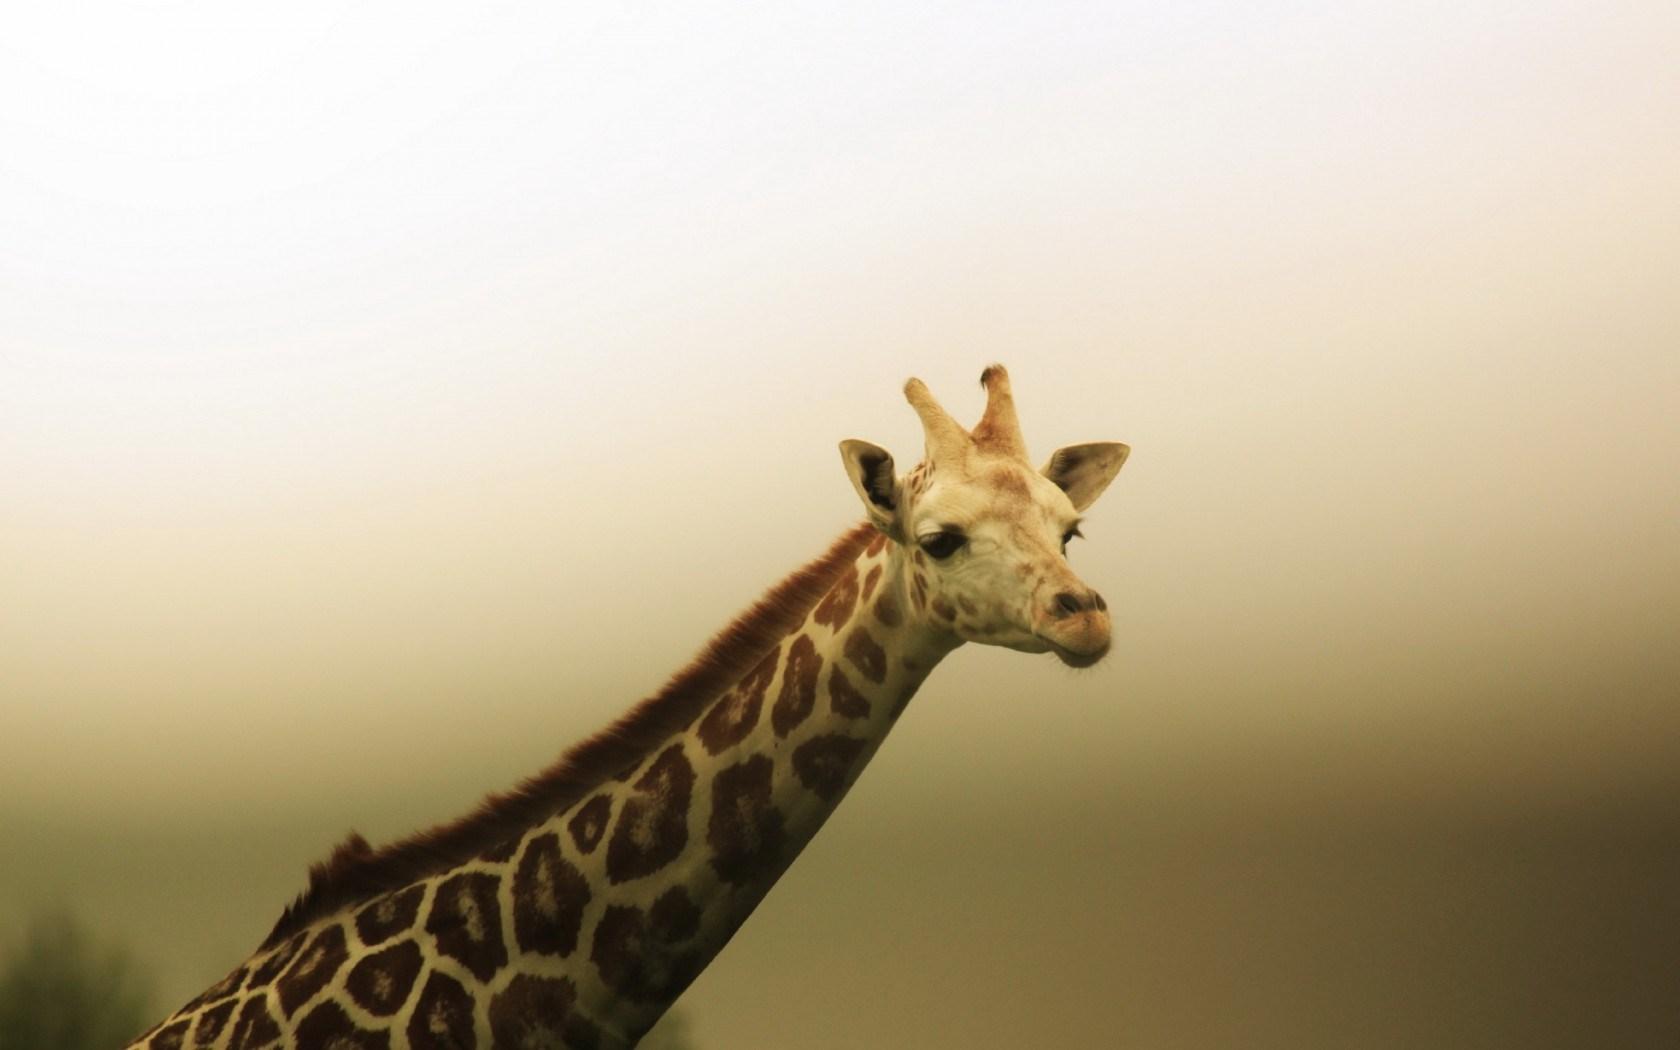 giraffe images A1